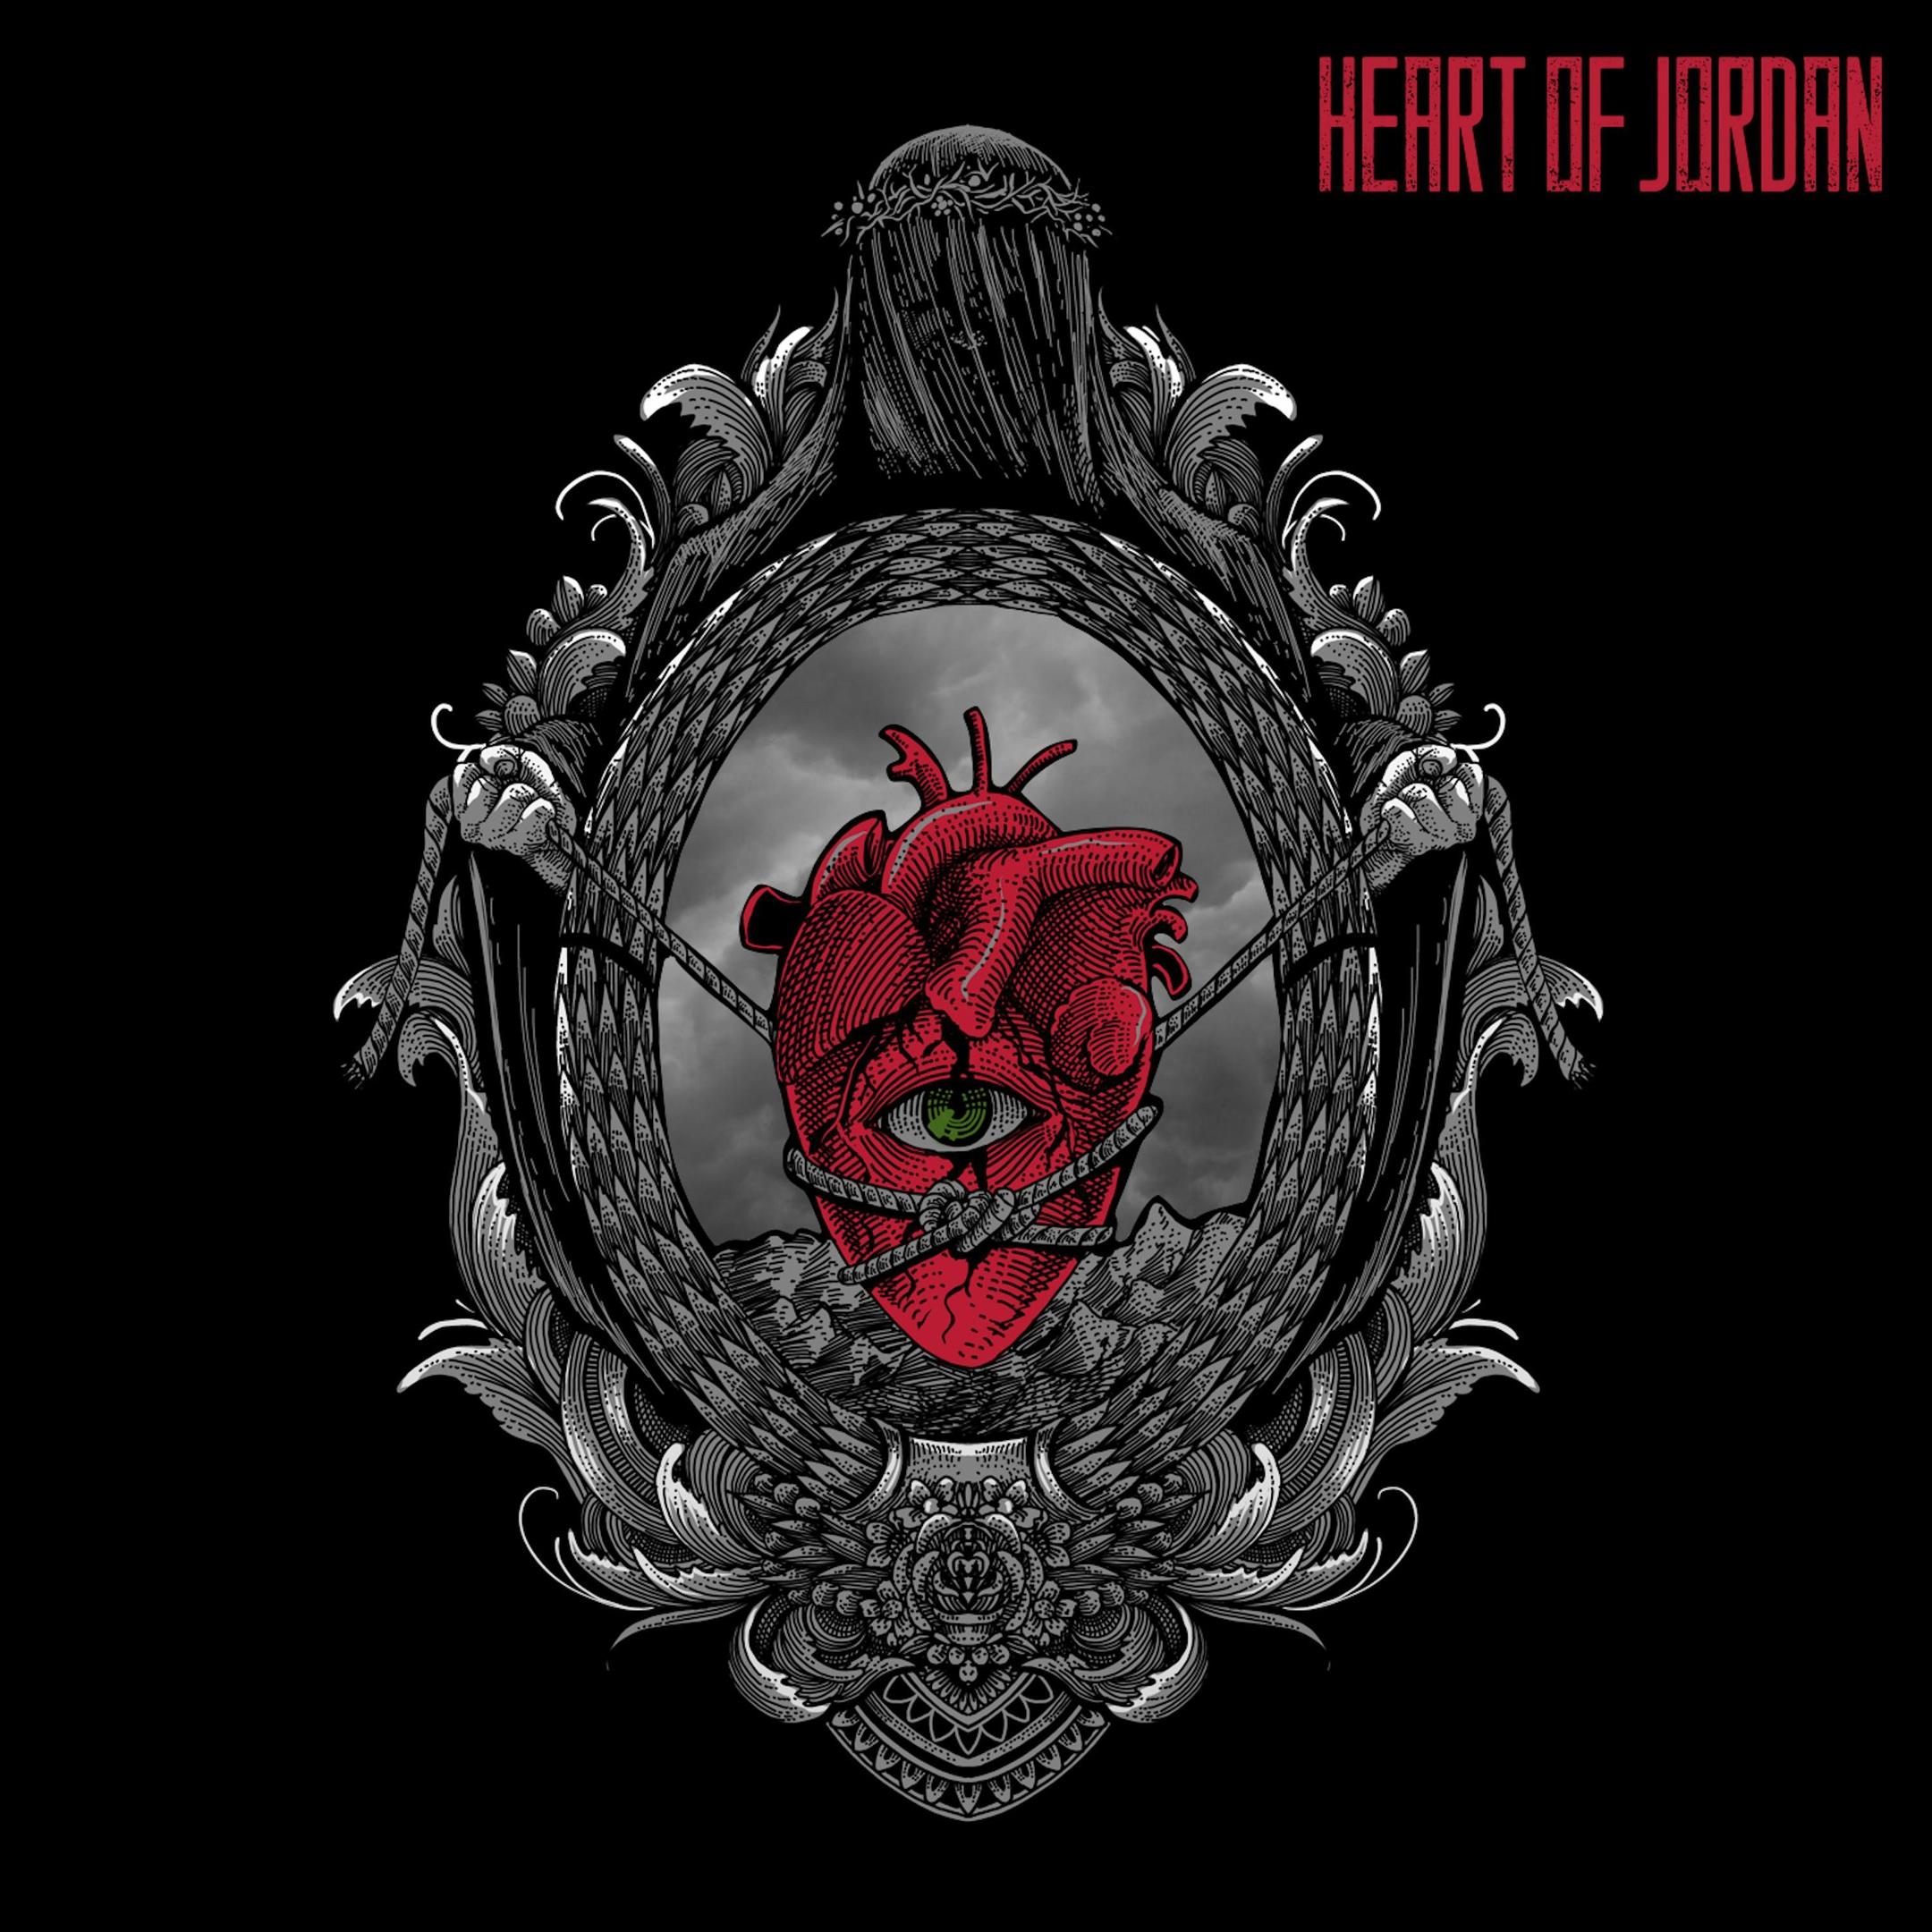 Heart of Jordan - Heart of Jordan (2018)